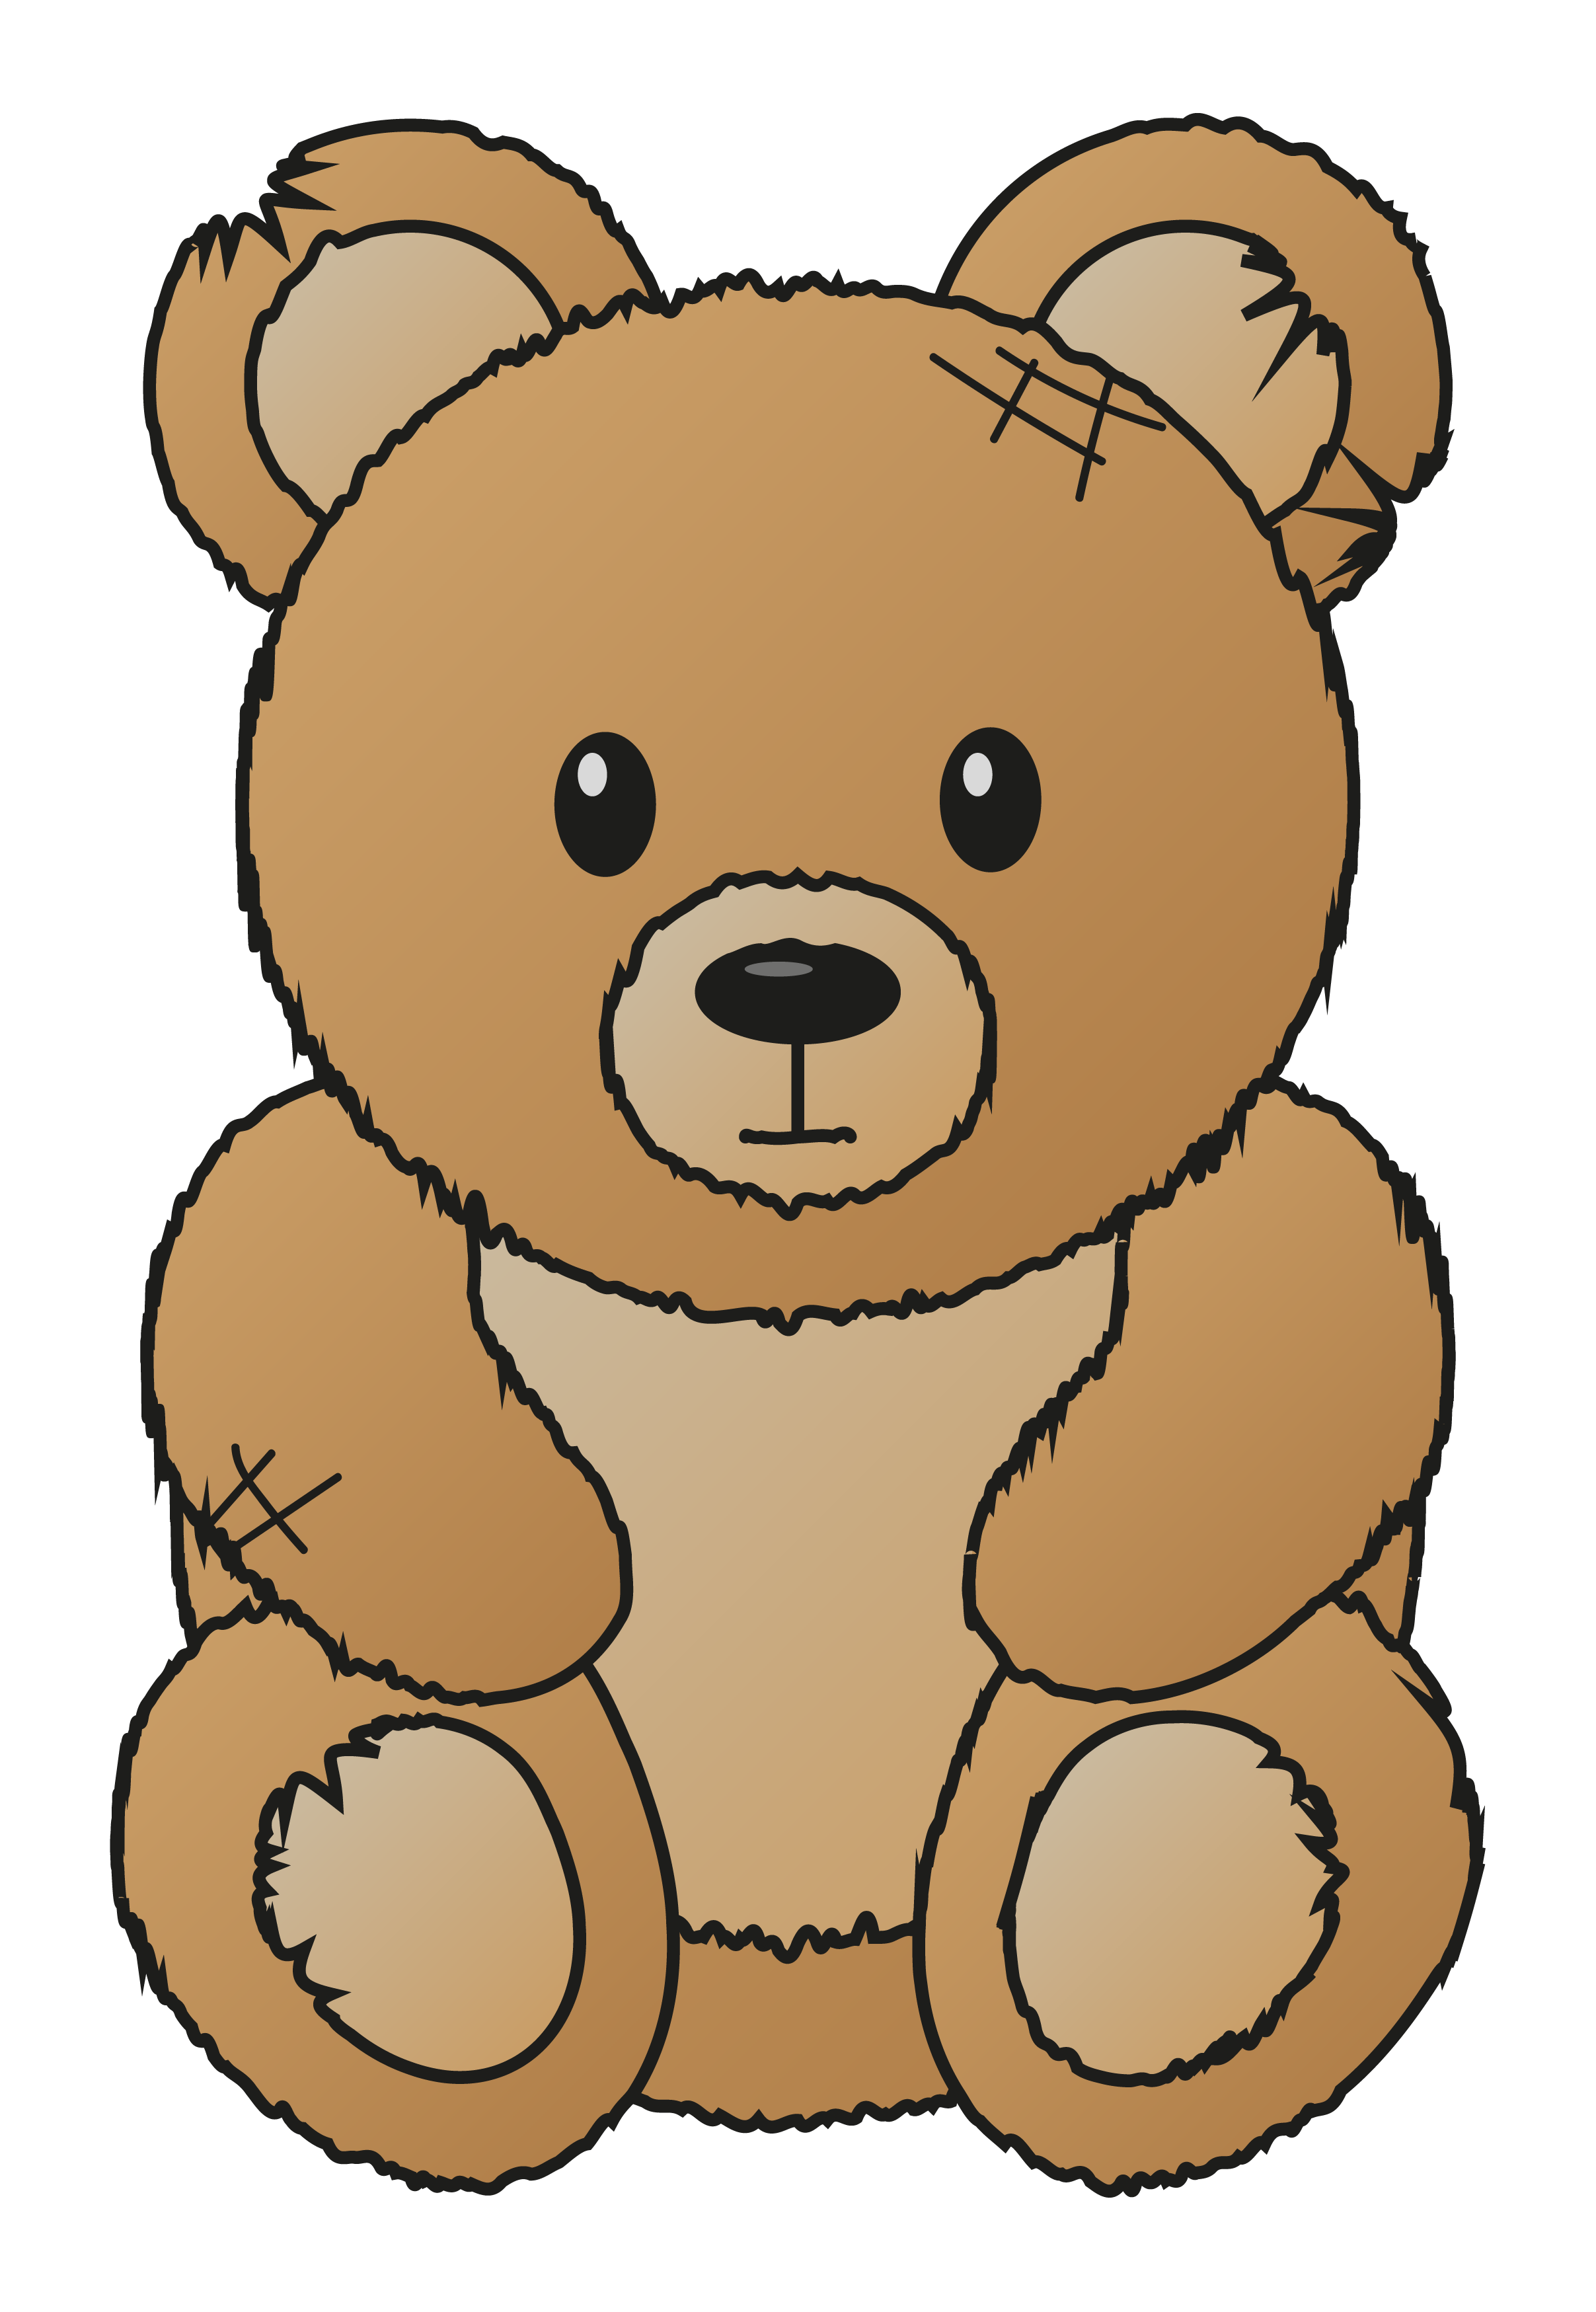 Medical clipart teddy bear. Bears on stairs world